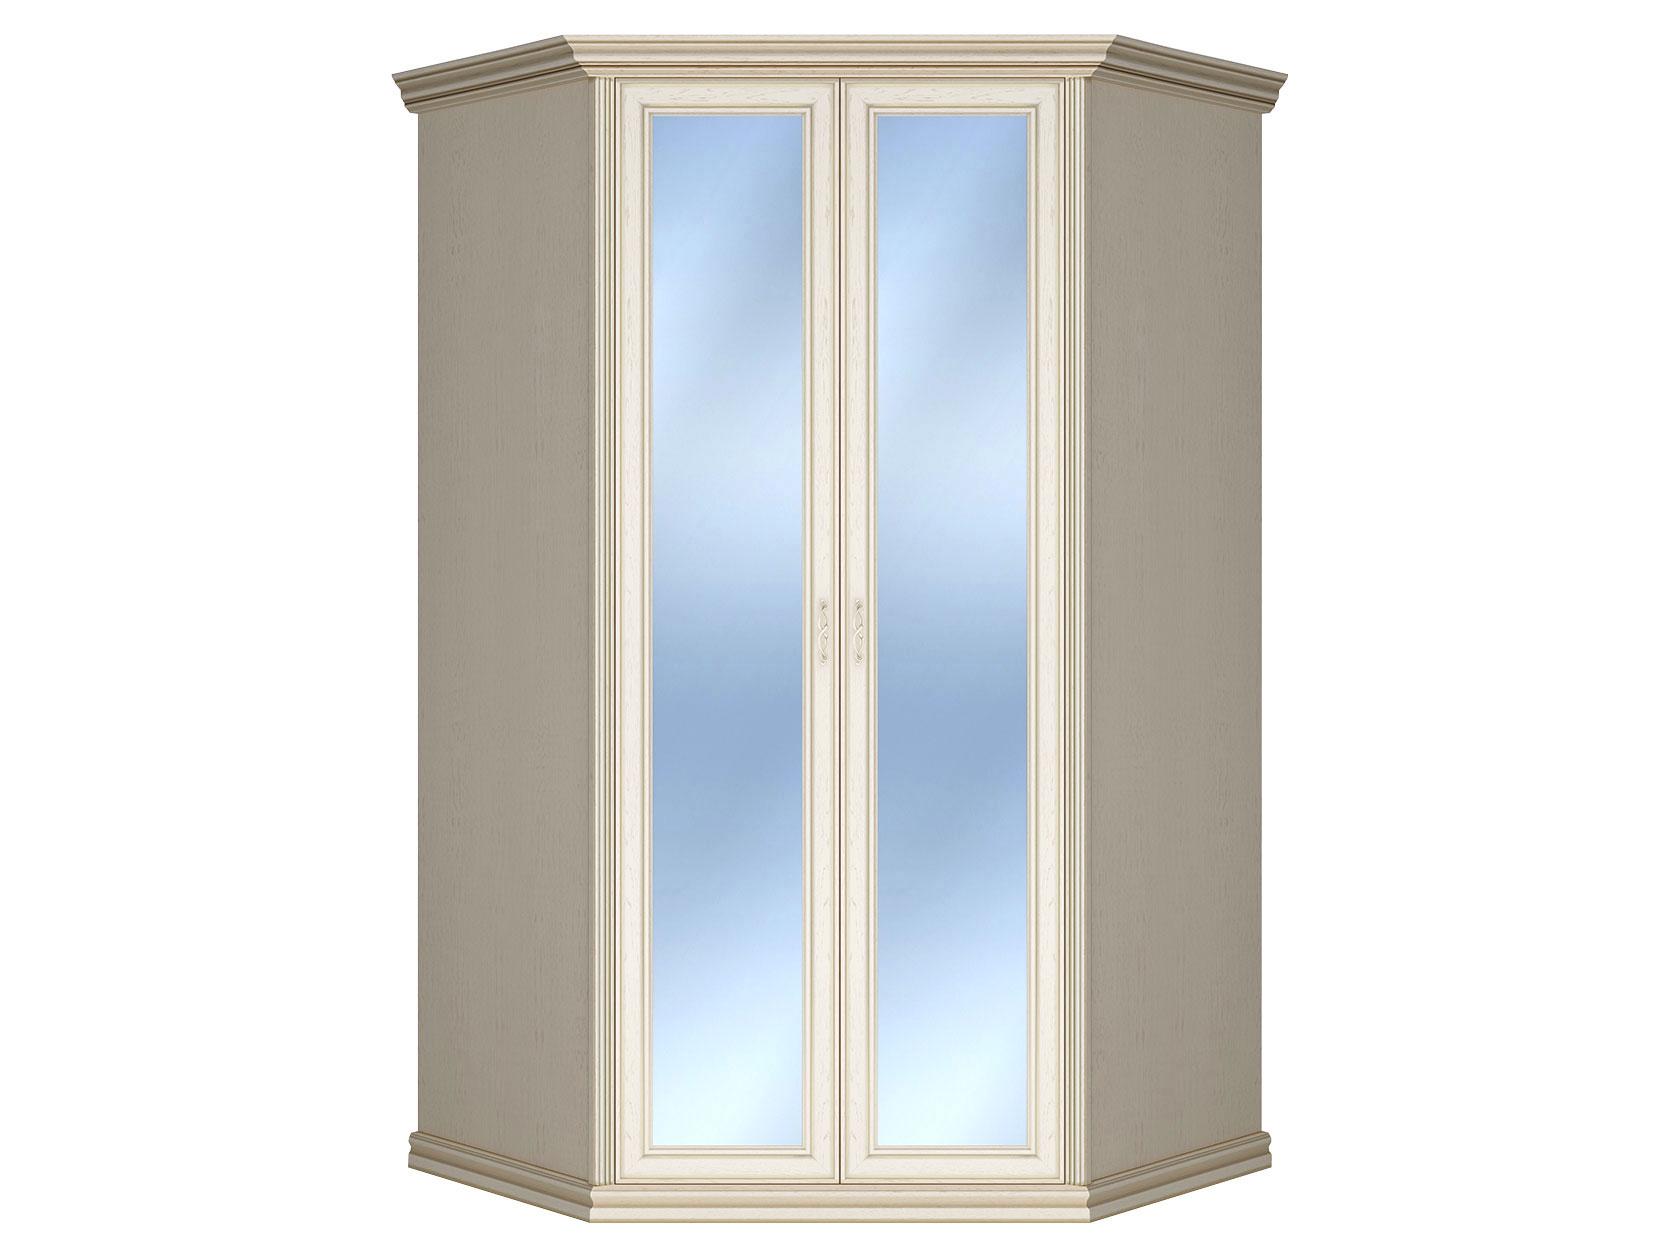 Угловой шкаф с зеркальными створками 150-91448